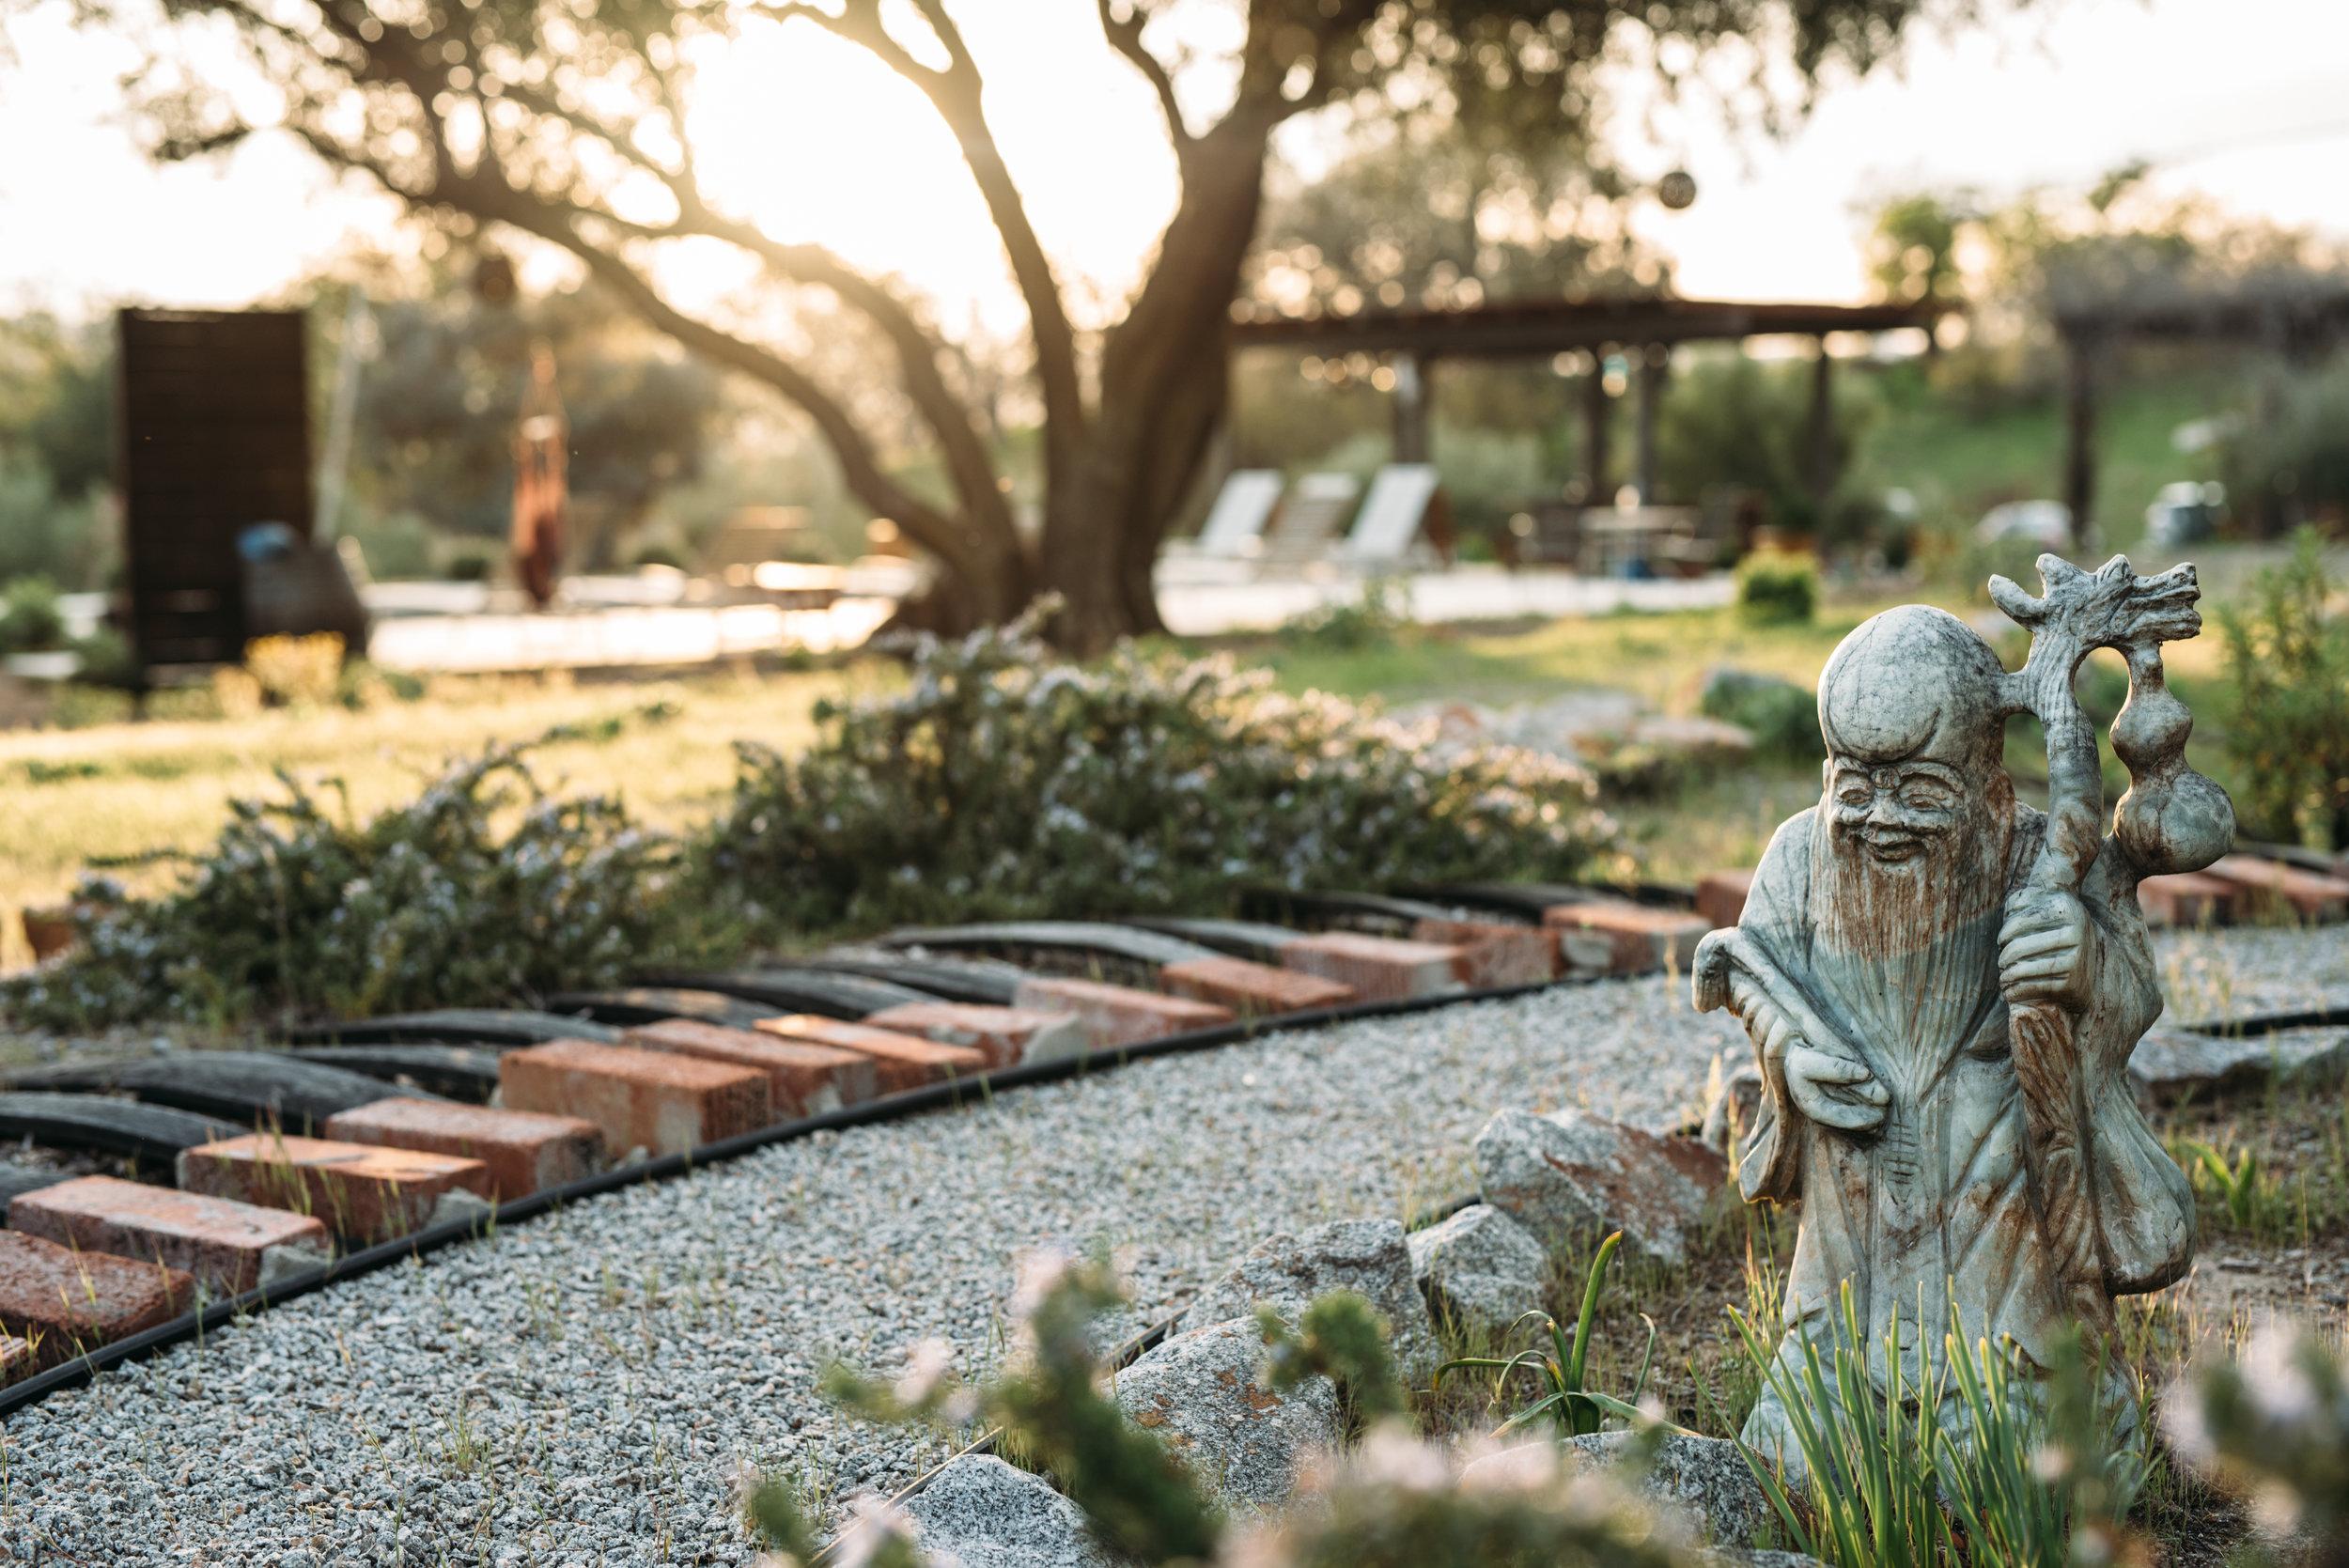 Sagrada grounds